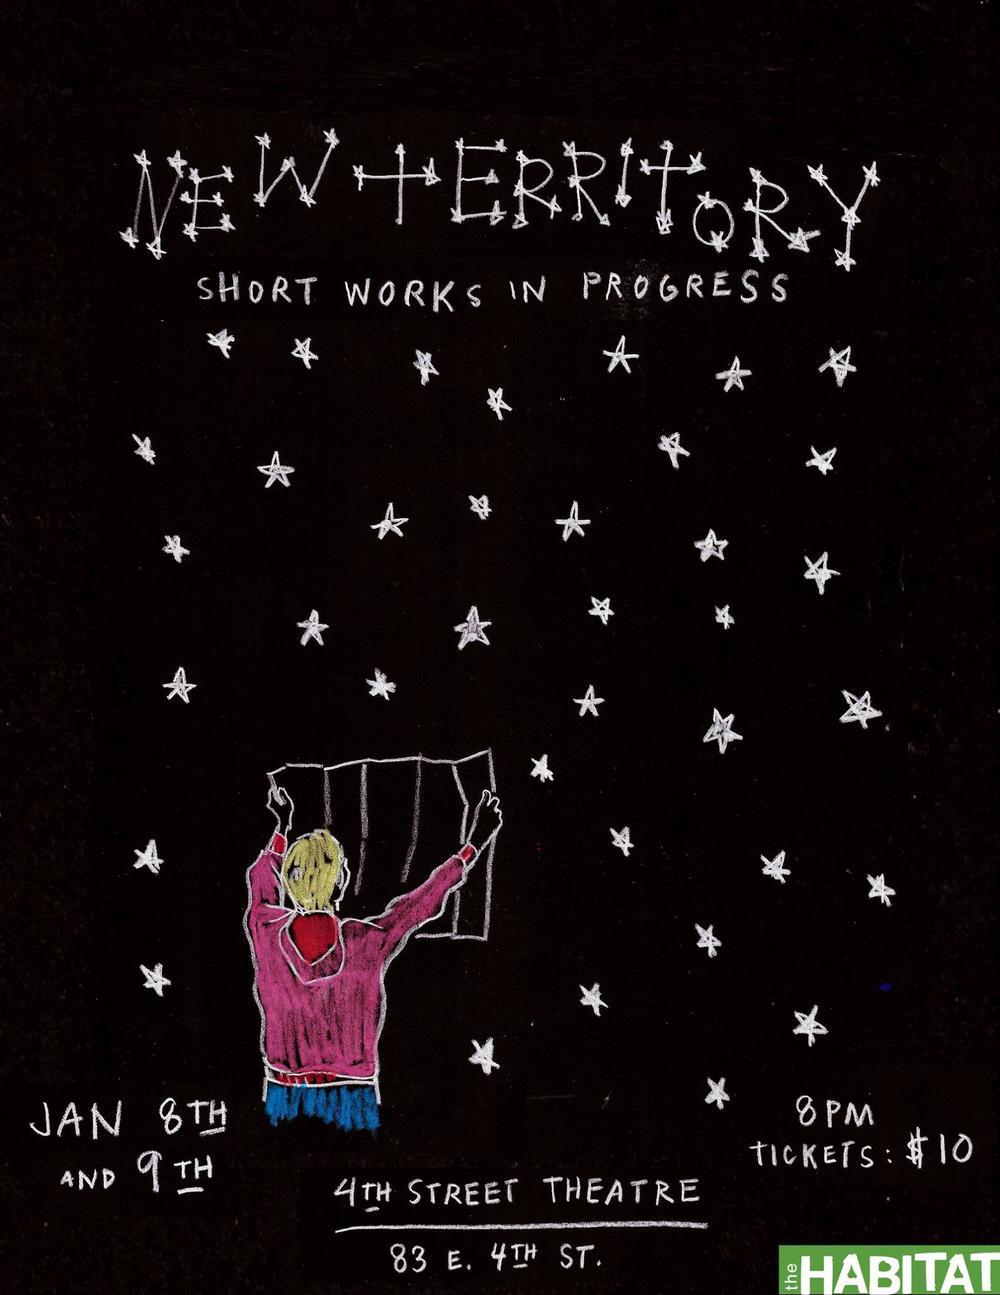 newterritory